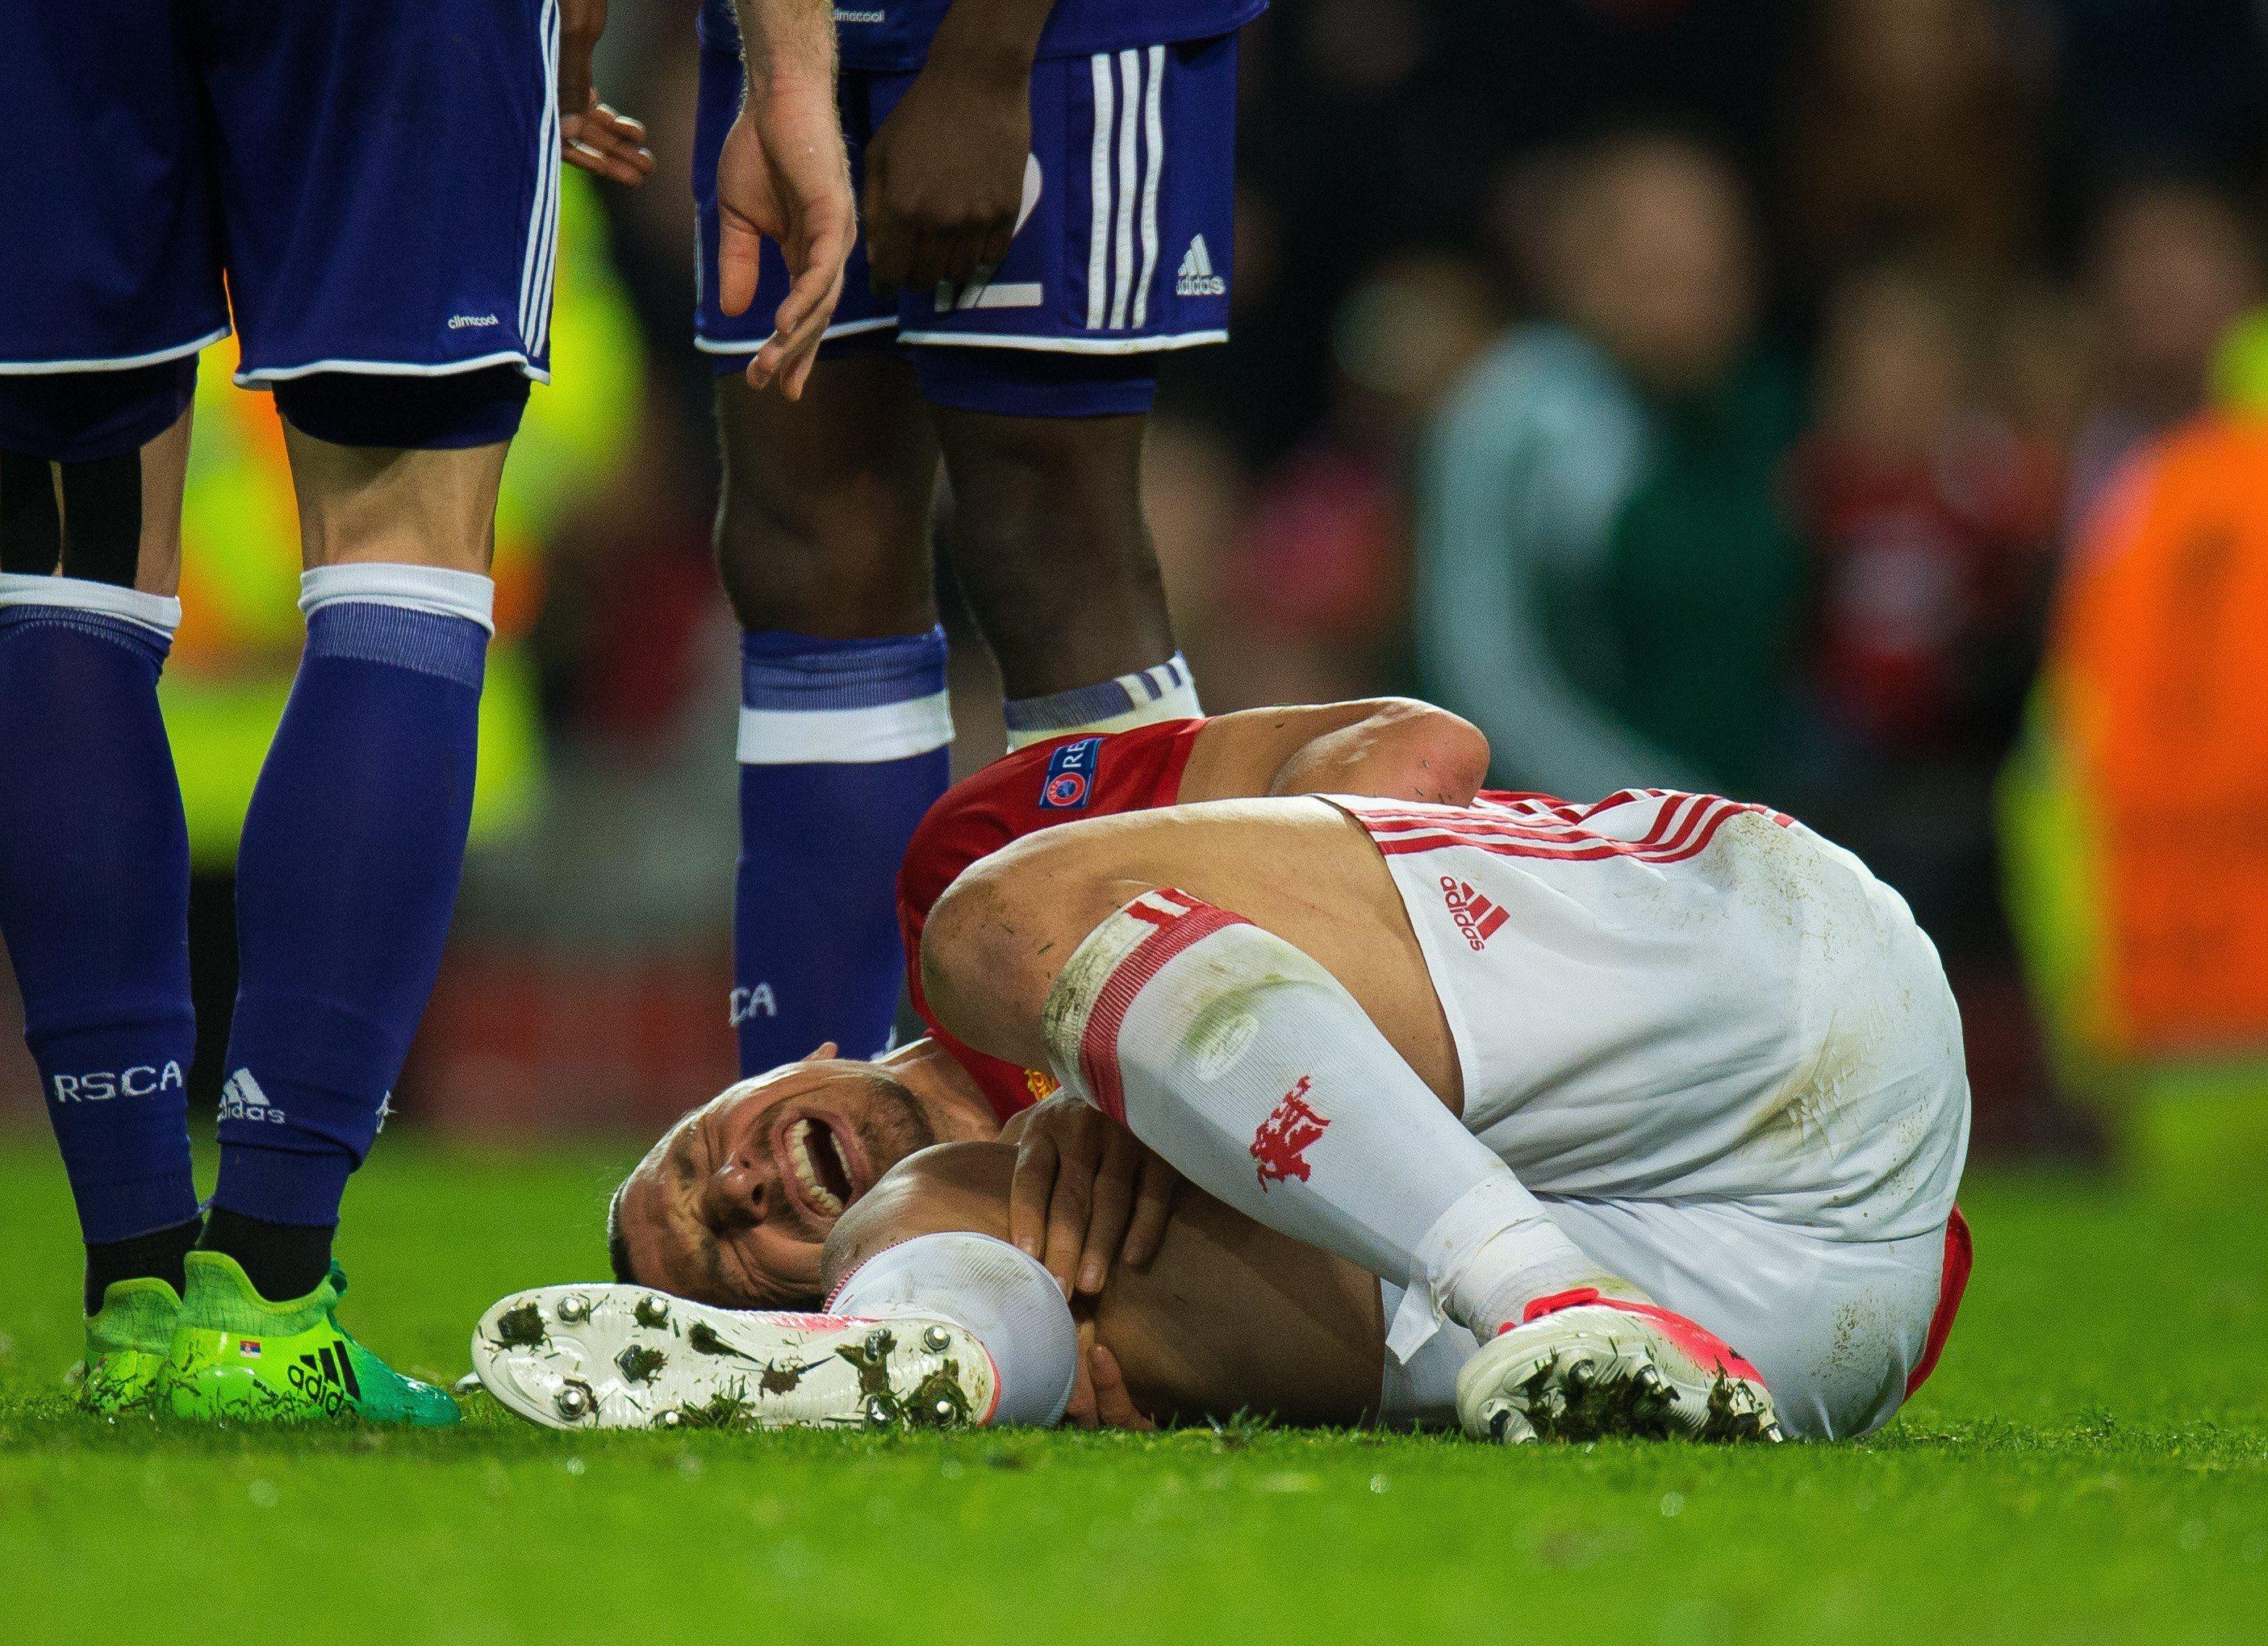 La dura lesión de Zlatan Ibrahimovic